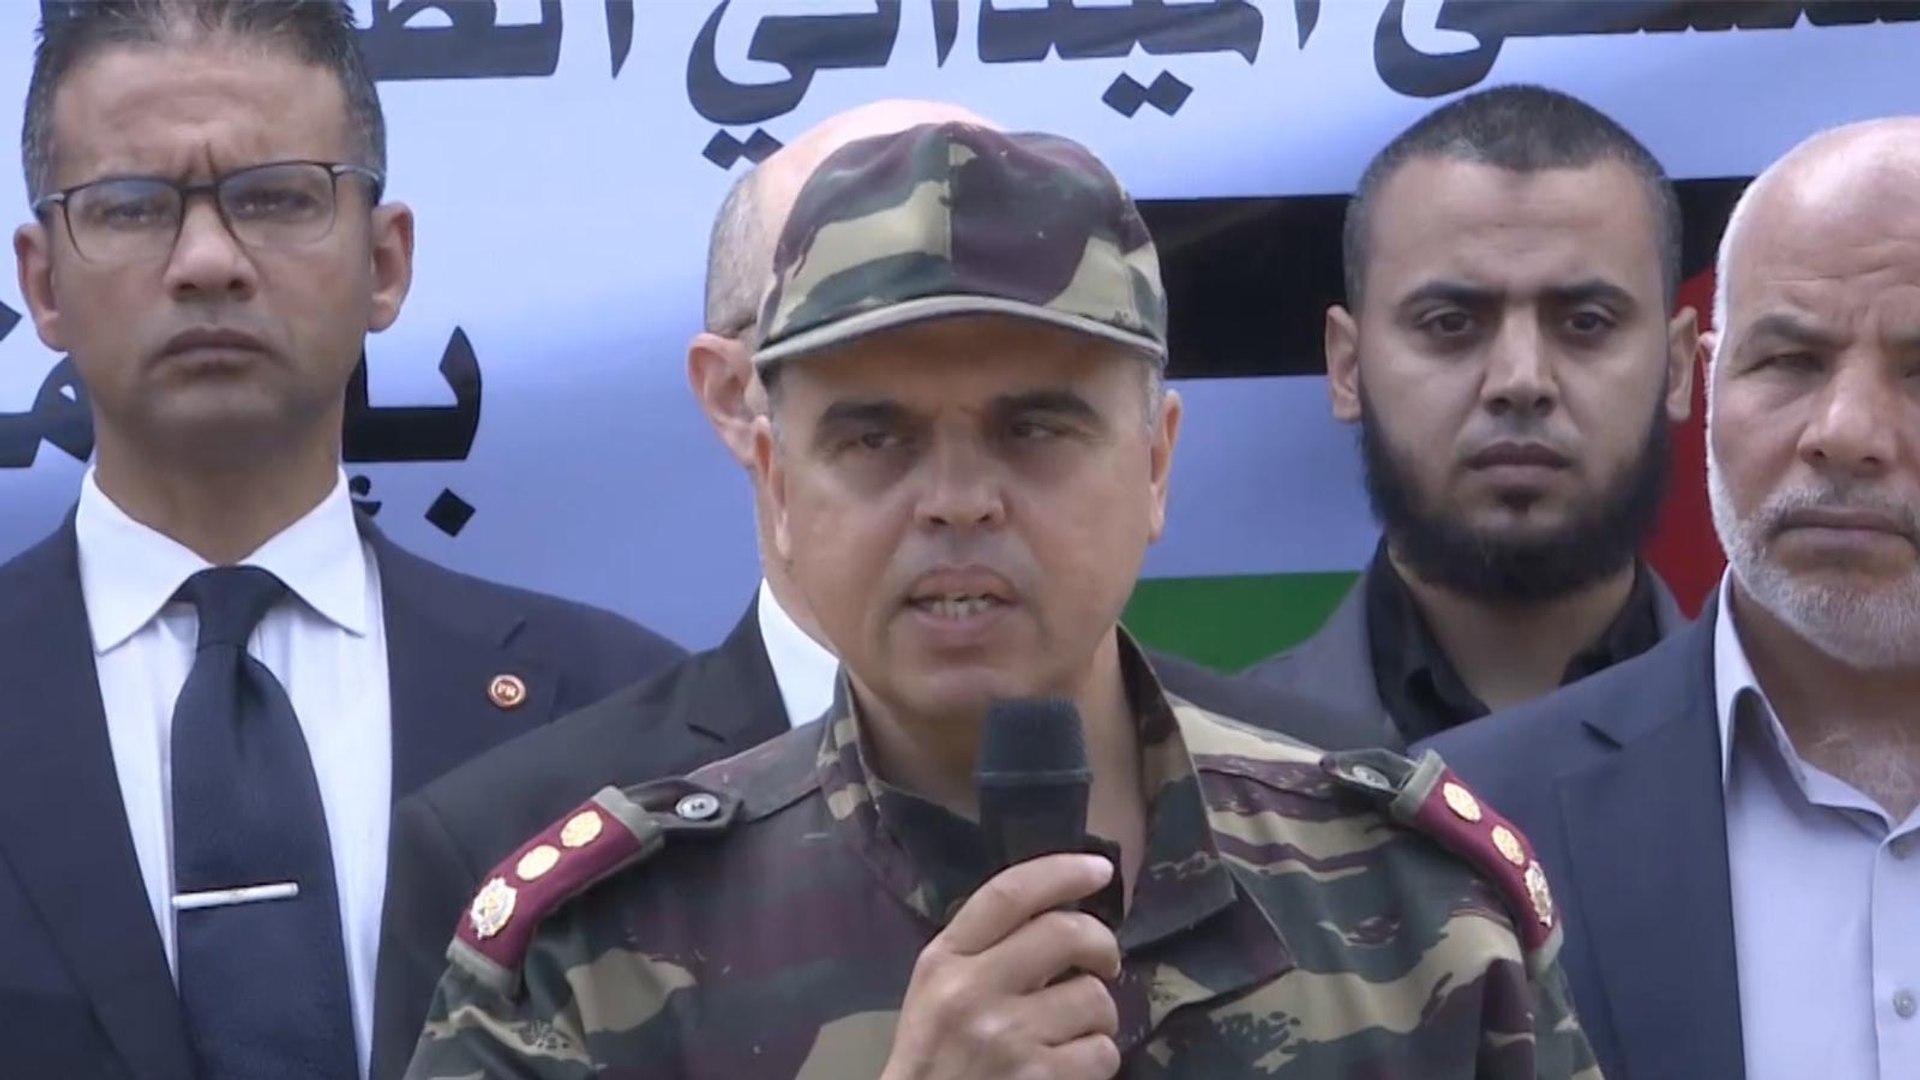 مستشفى مغربي يفتح أبوابه لأهالي غزة